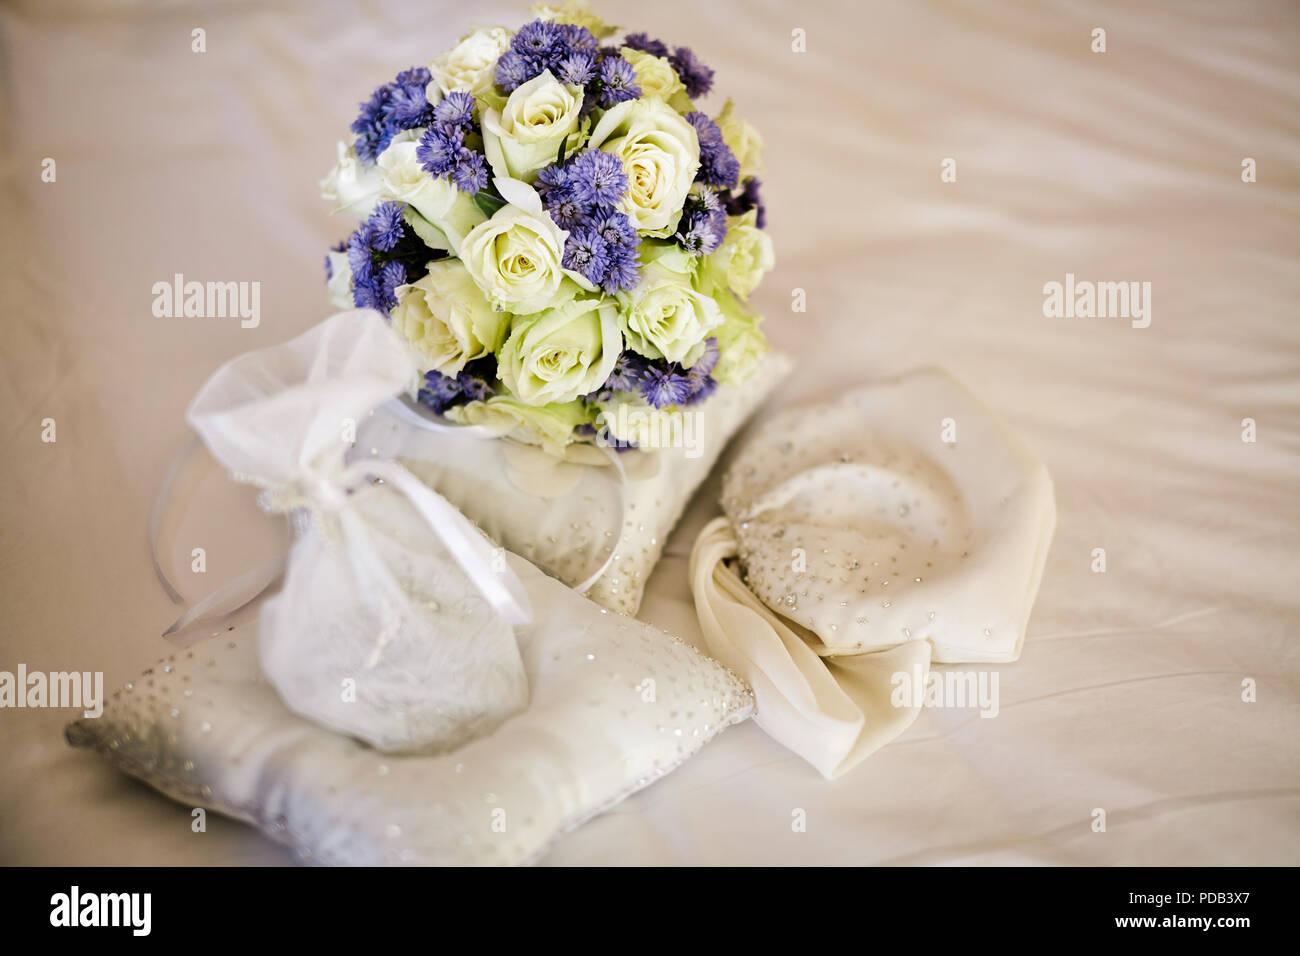 Selektiver Fokus Auf Schone Hochzeit Pastell Blumenstrauss Fur Die